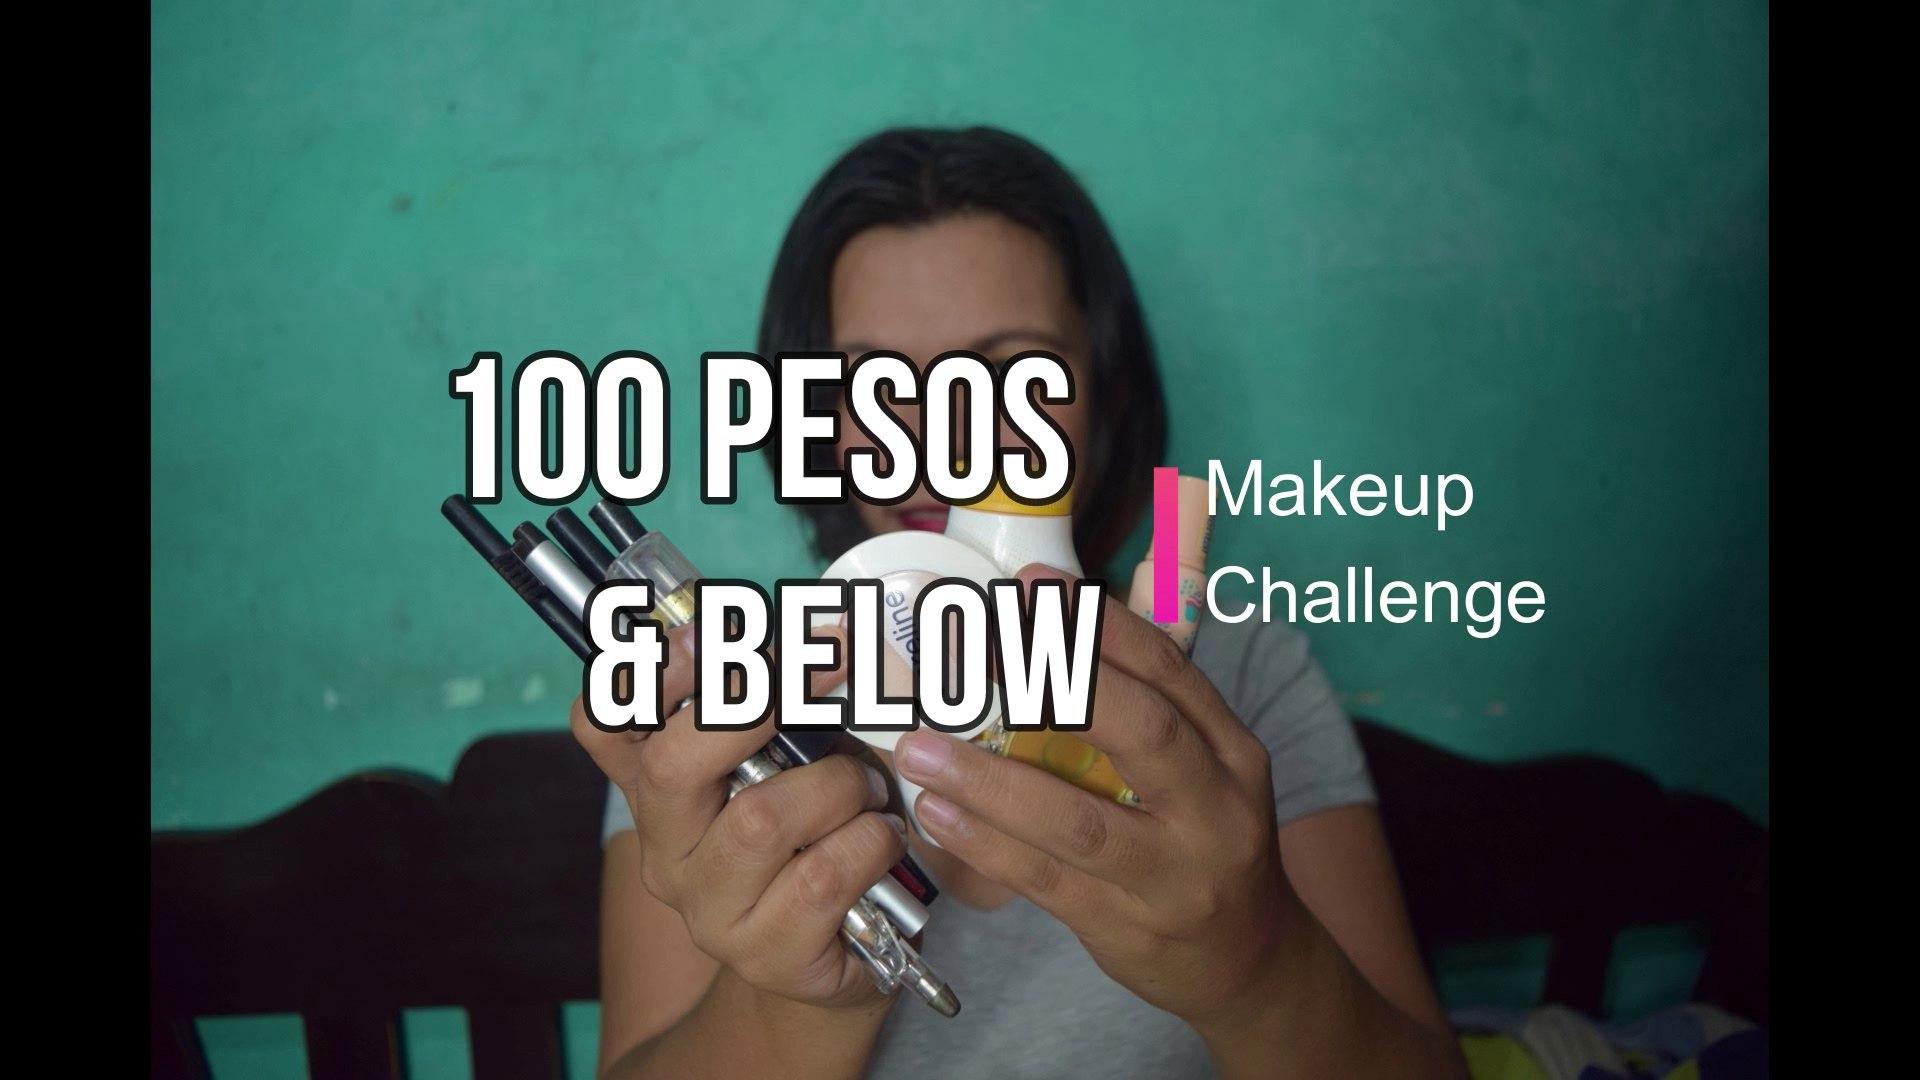 100 Pesos & below Makeup Challenge   Makeup Video   Anna Flores   Philippines